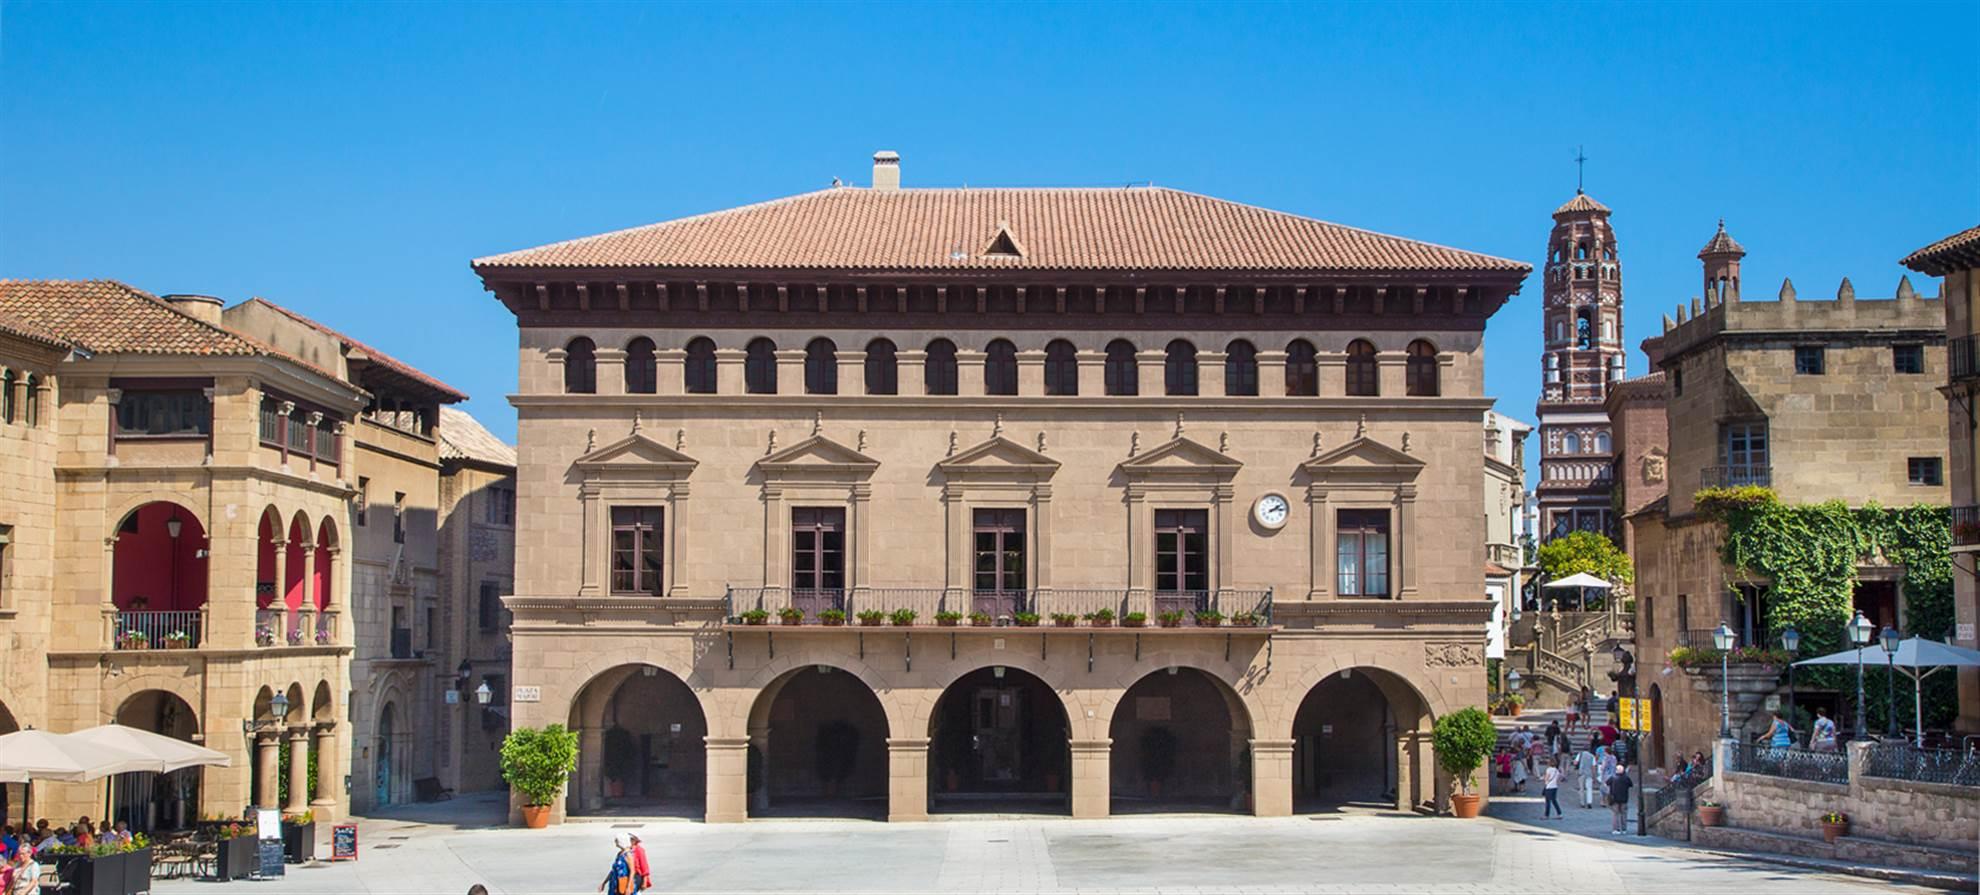 Poble Espanyol - um Museu ao ar livre